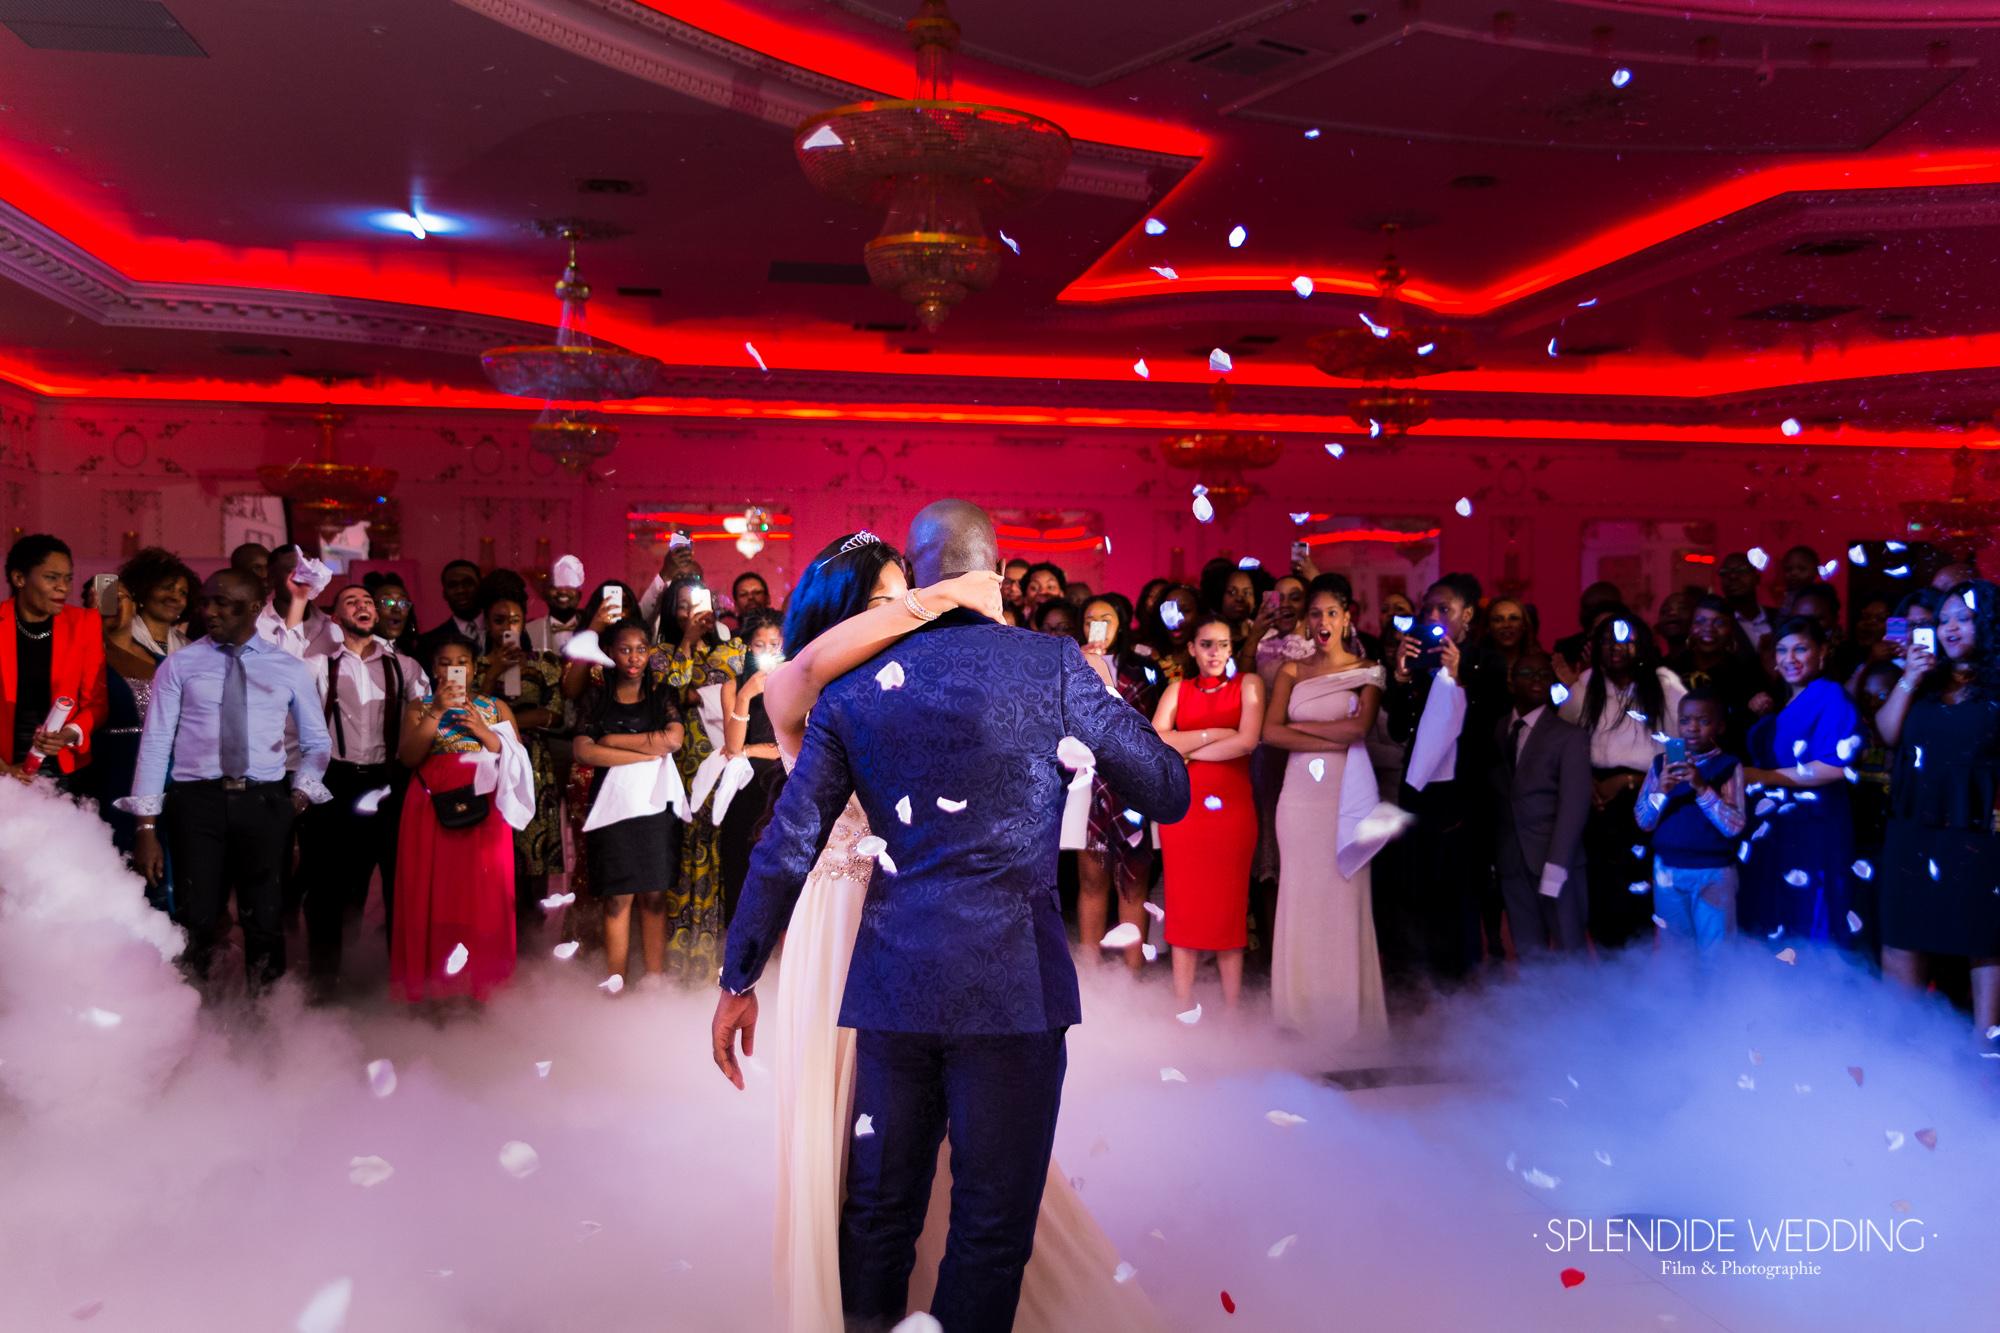 Photographe mariage Paris 19ème Chantal & Darius ouverture du bal